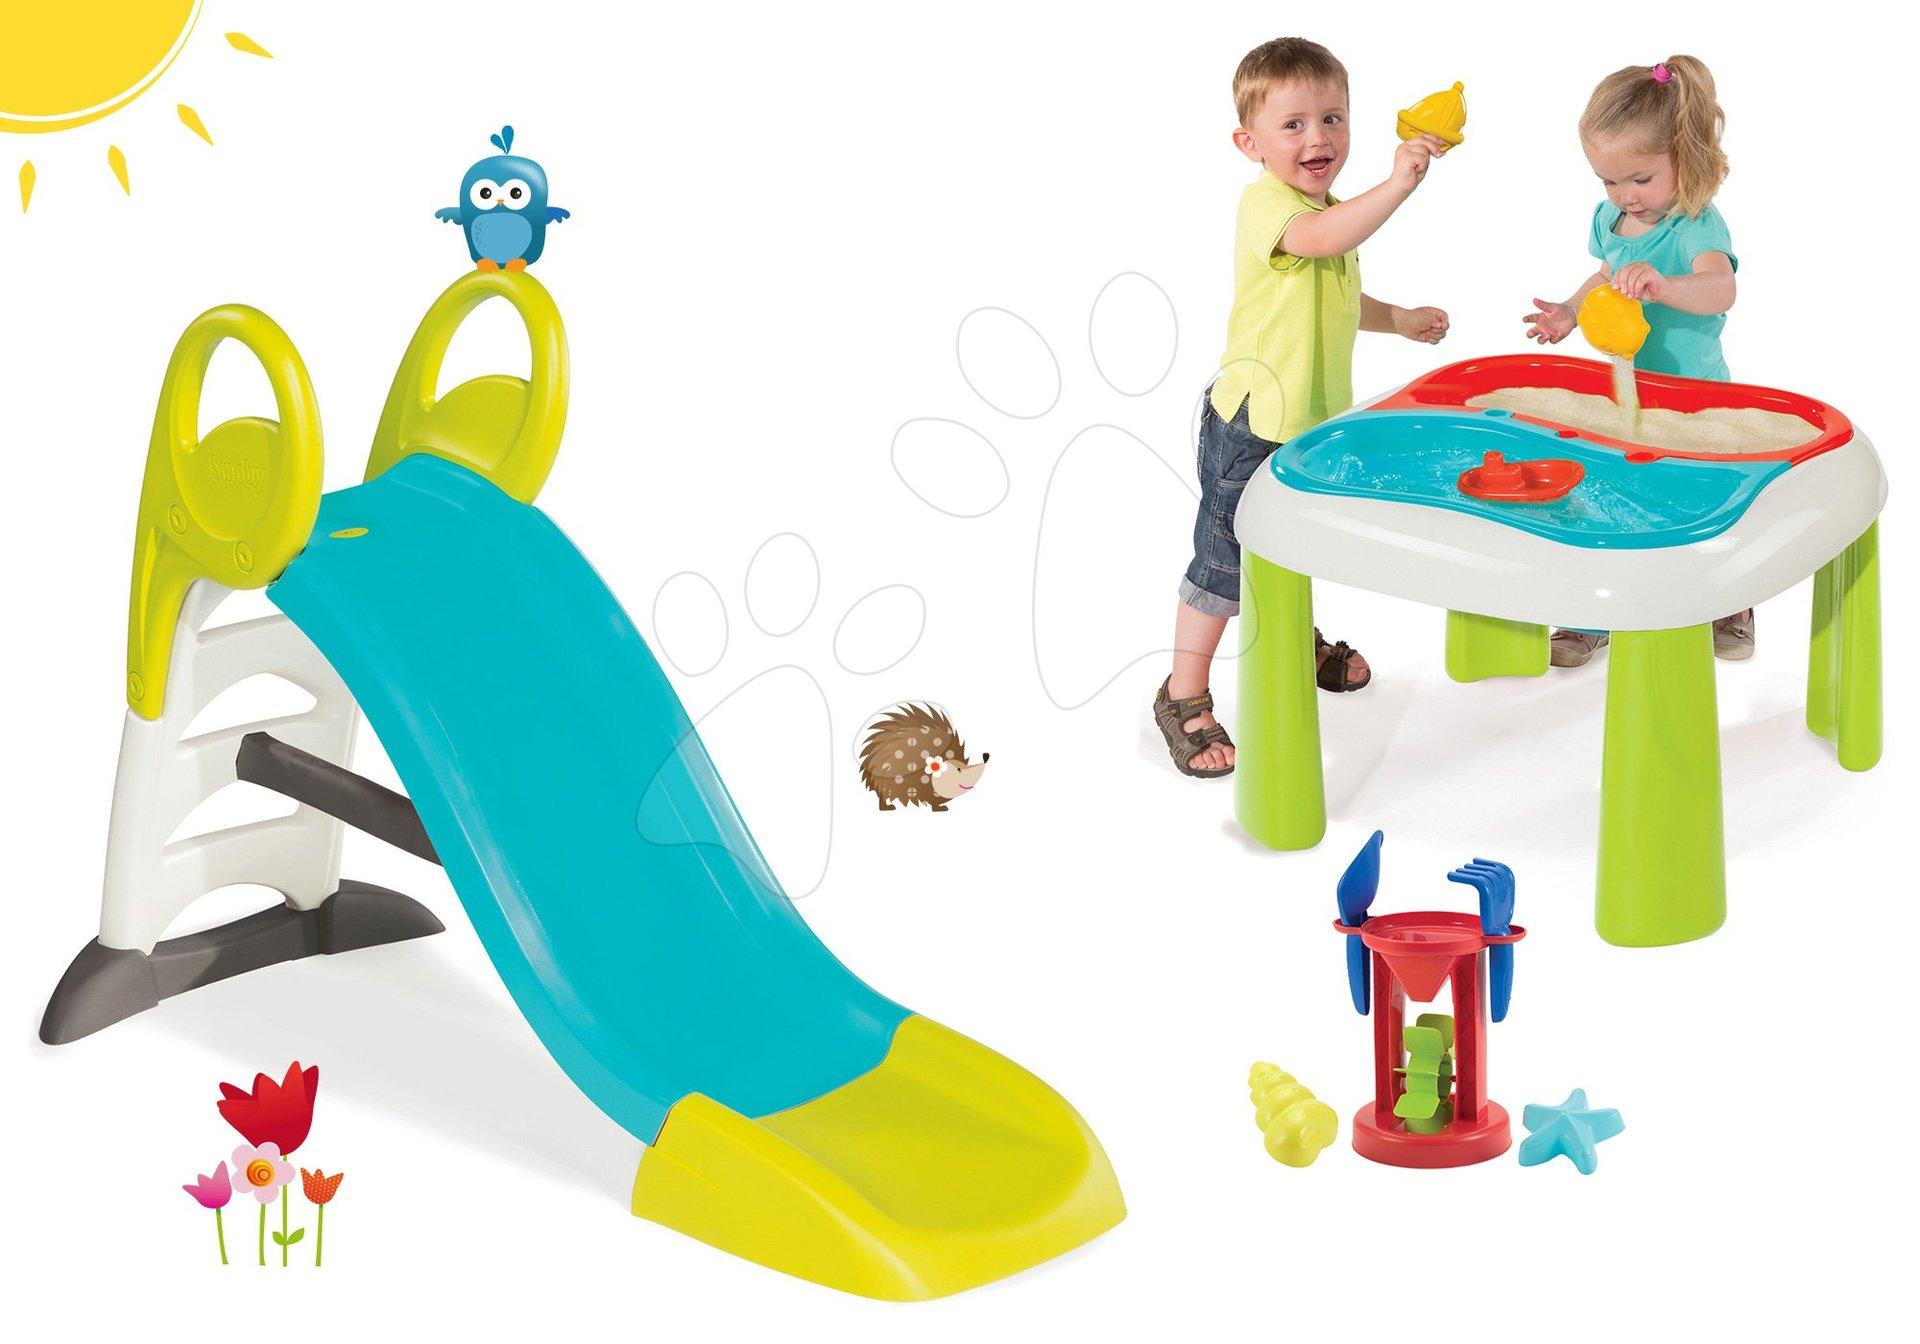 Smoby set šmykľavka pre deti Toboggan KS s vodou a stôl na hranie Voda&Piesok s mlynom 310269-3